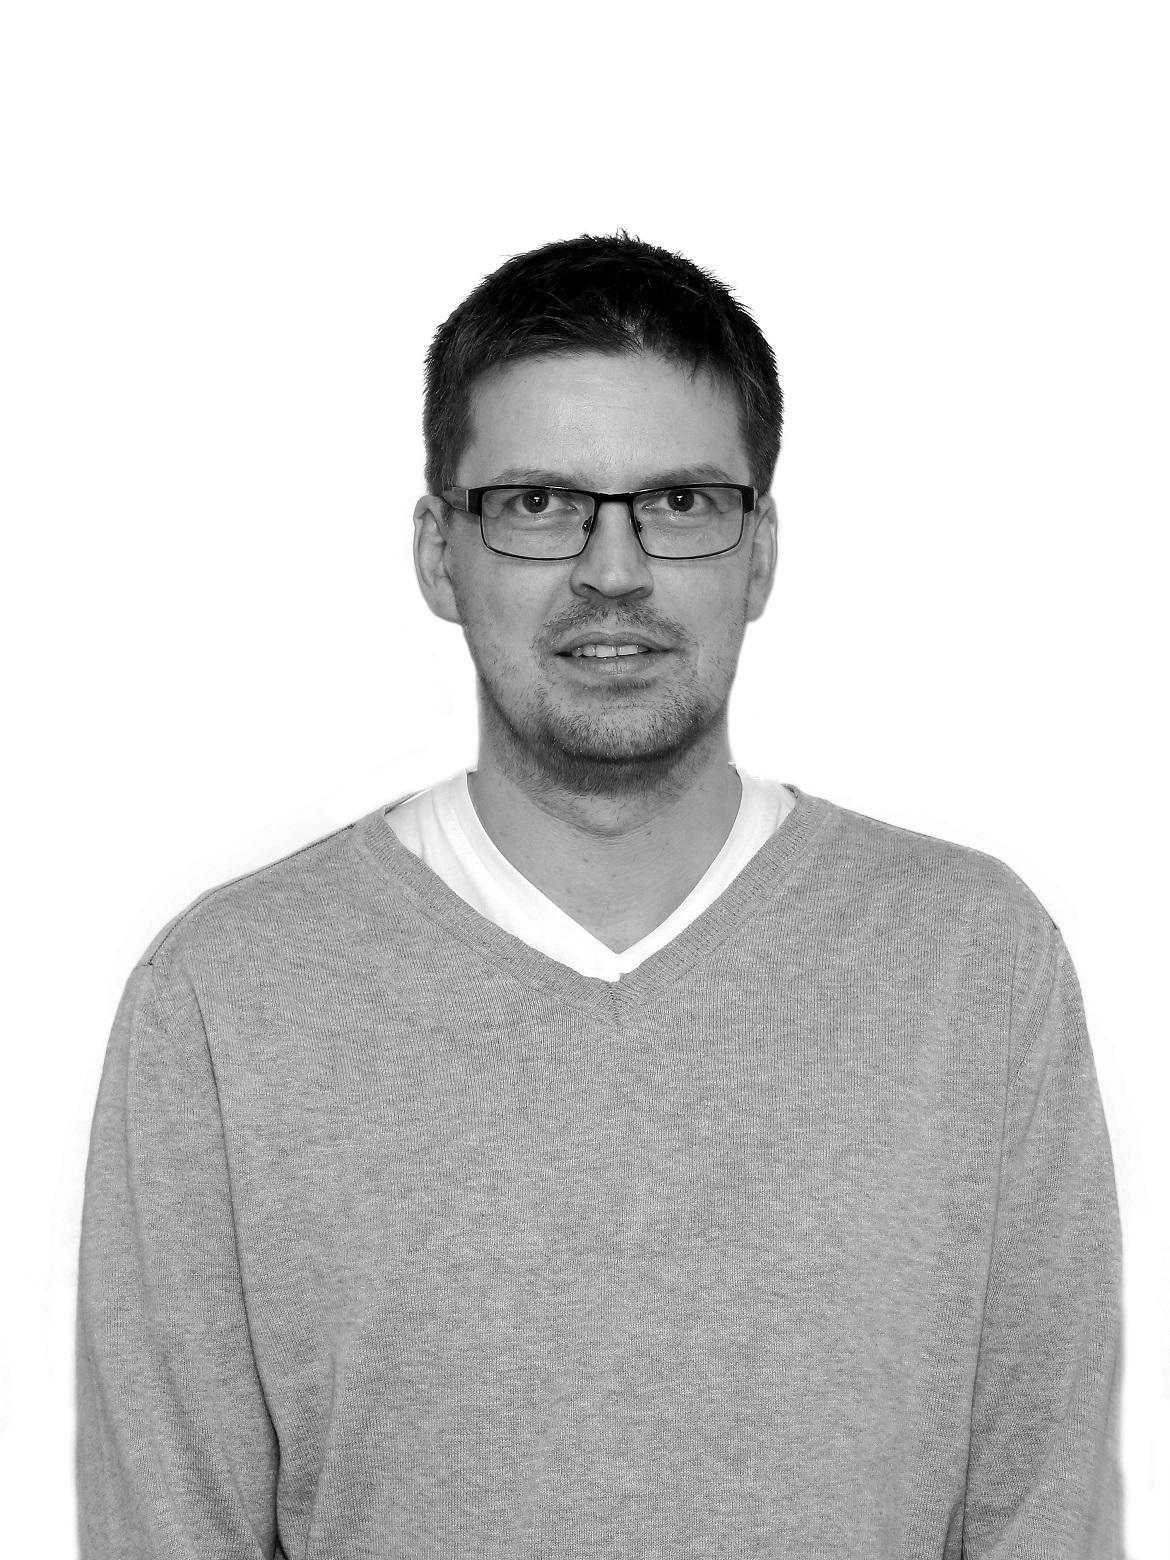 Jon Lennart Ness